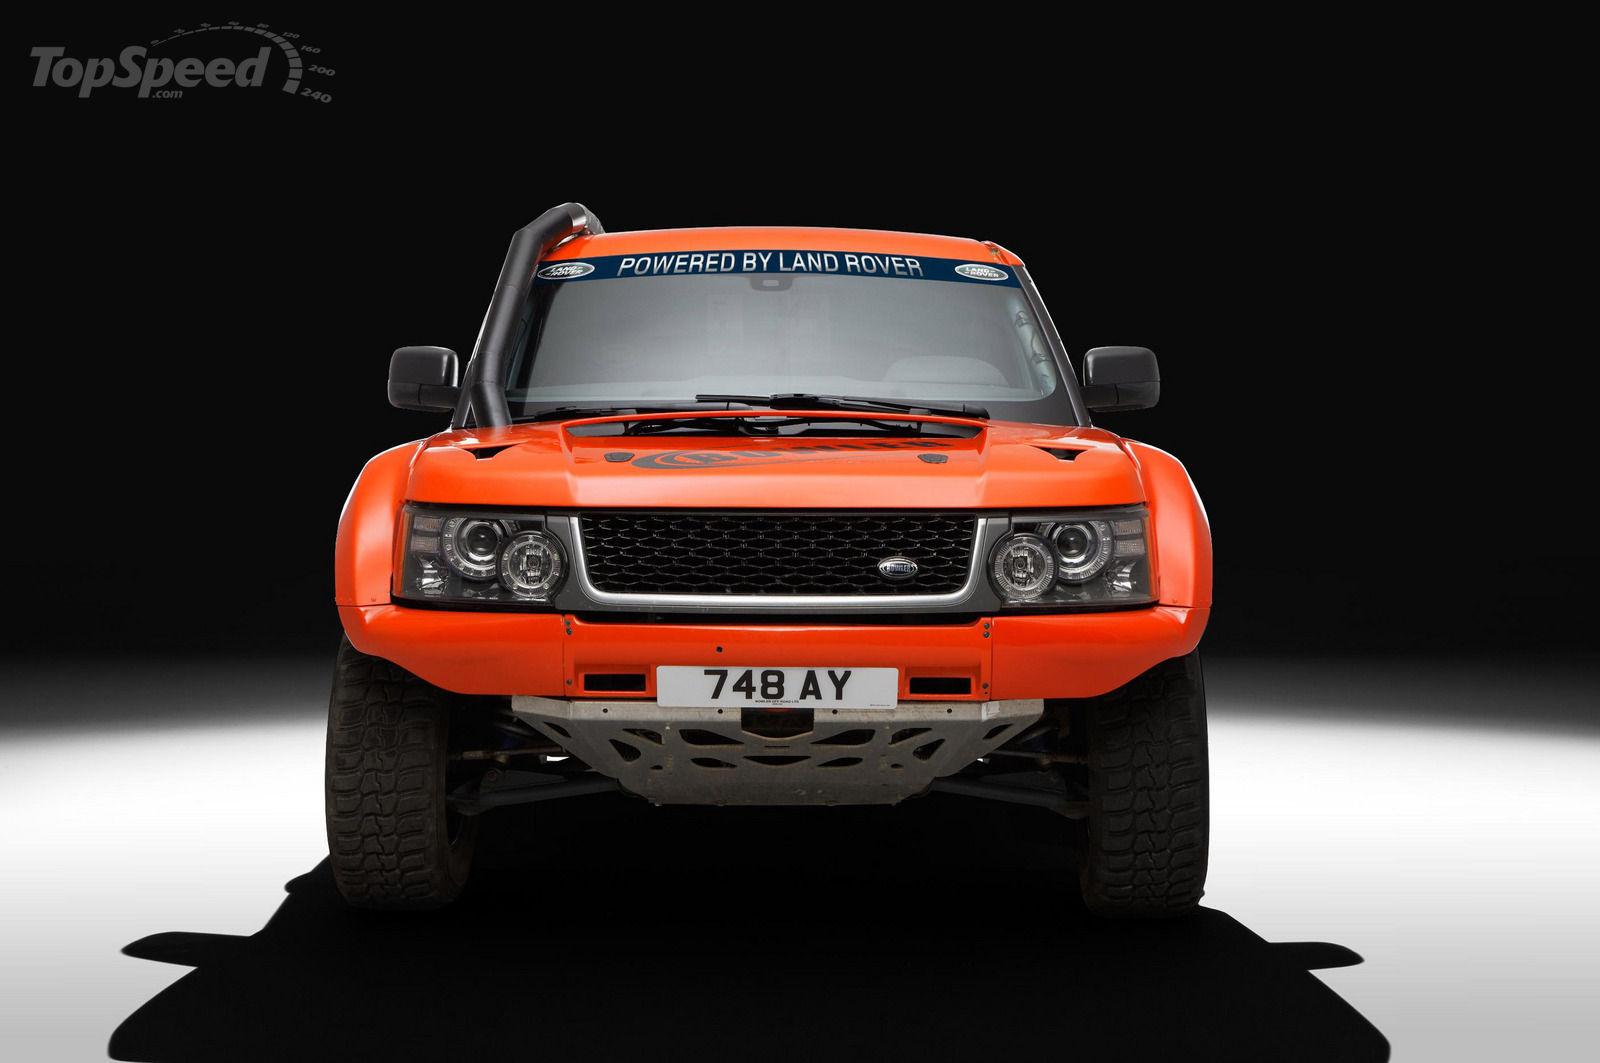 авто для ралли Дакар, скачать фото, обои для рабочего стола, rally car